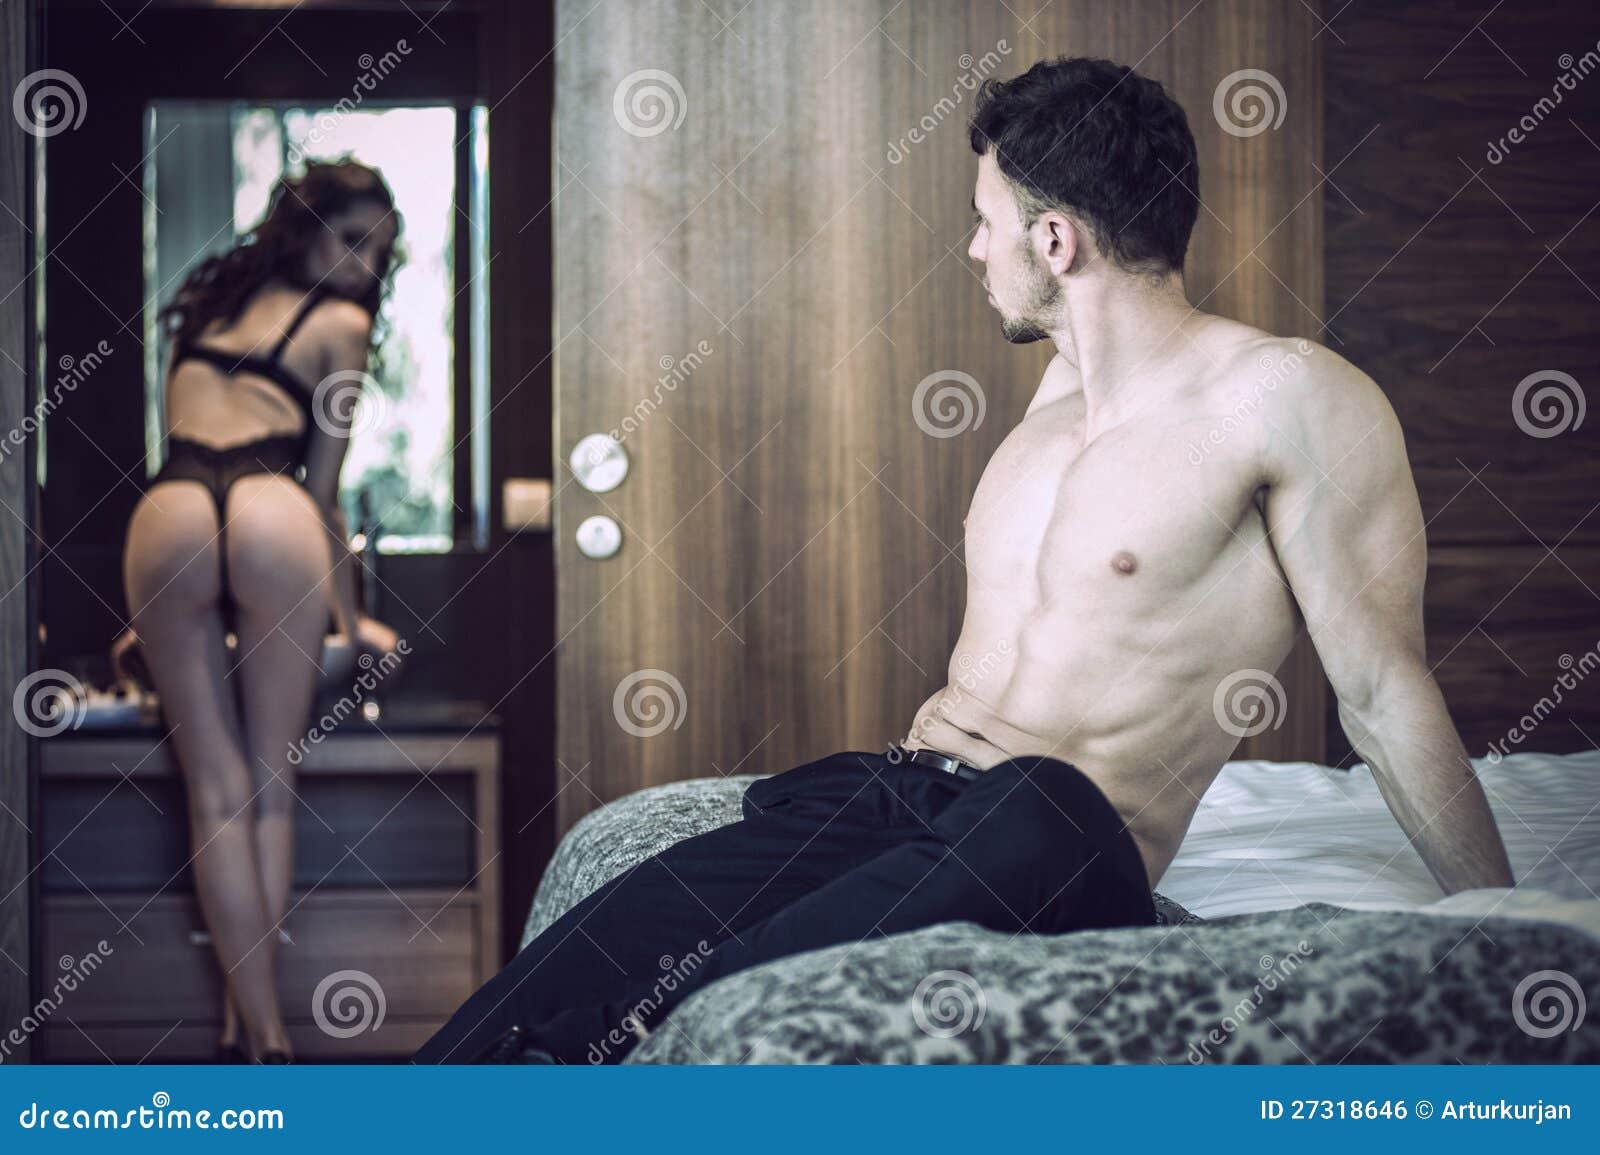 gratis porr i mobilen sexiga shorts